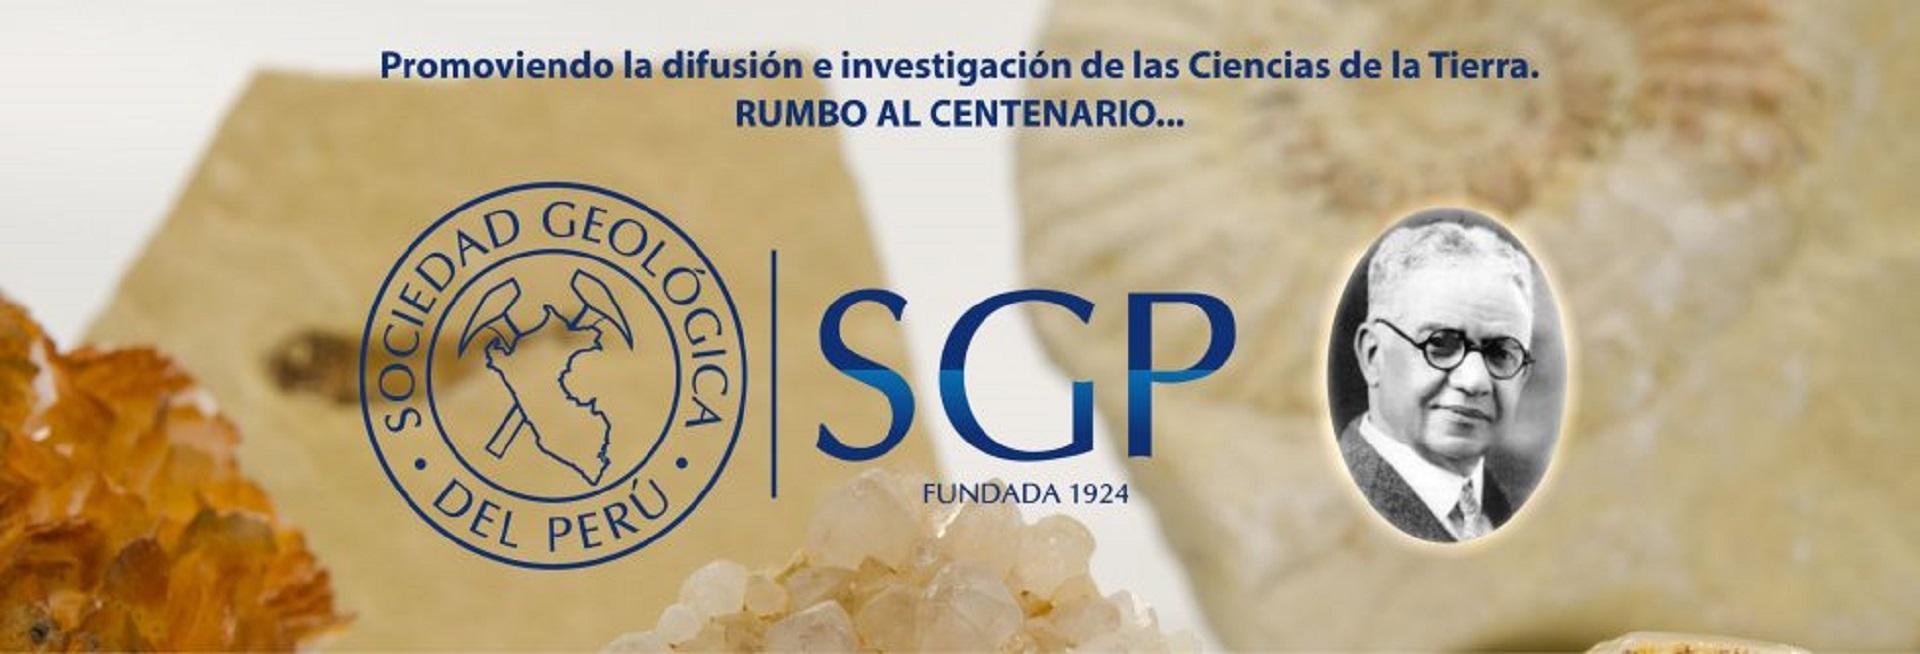 Sociedad Geológica del Perú